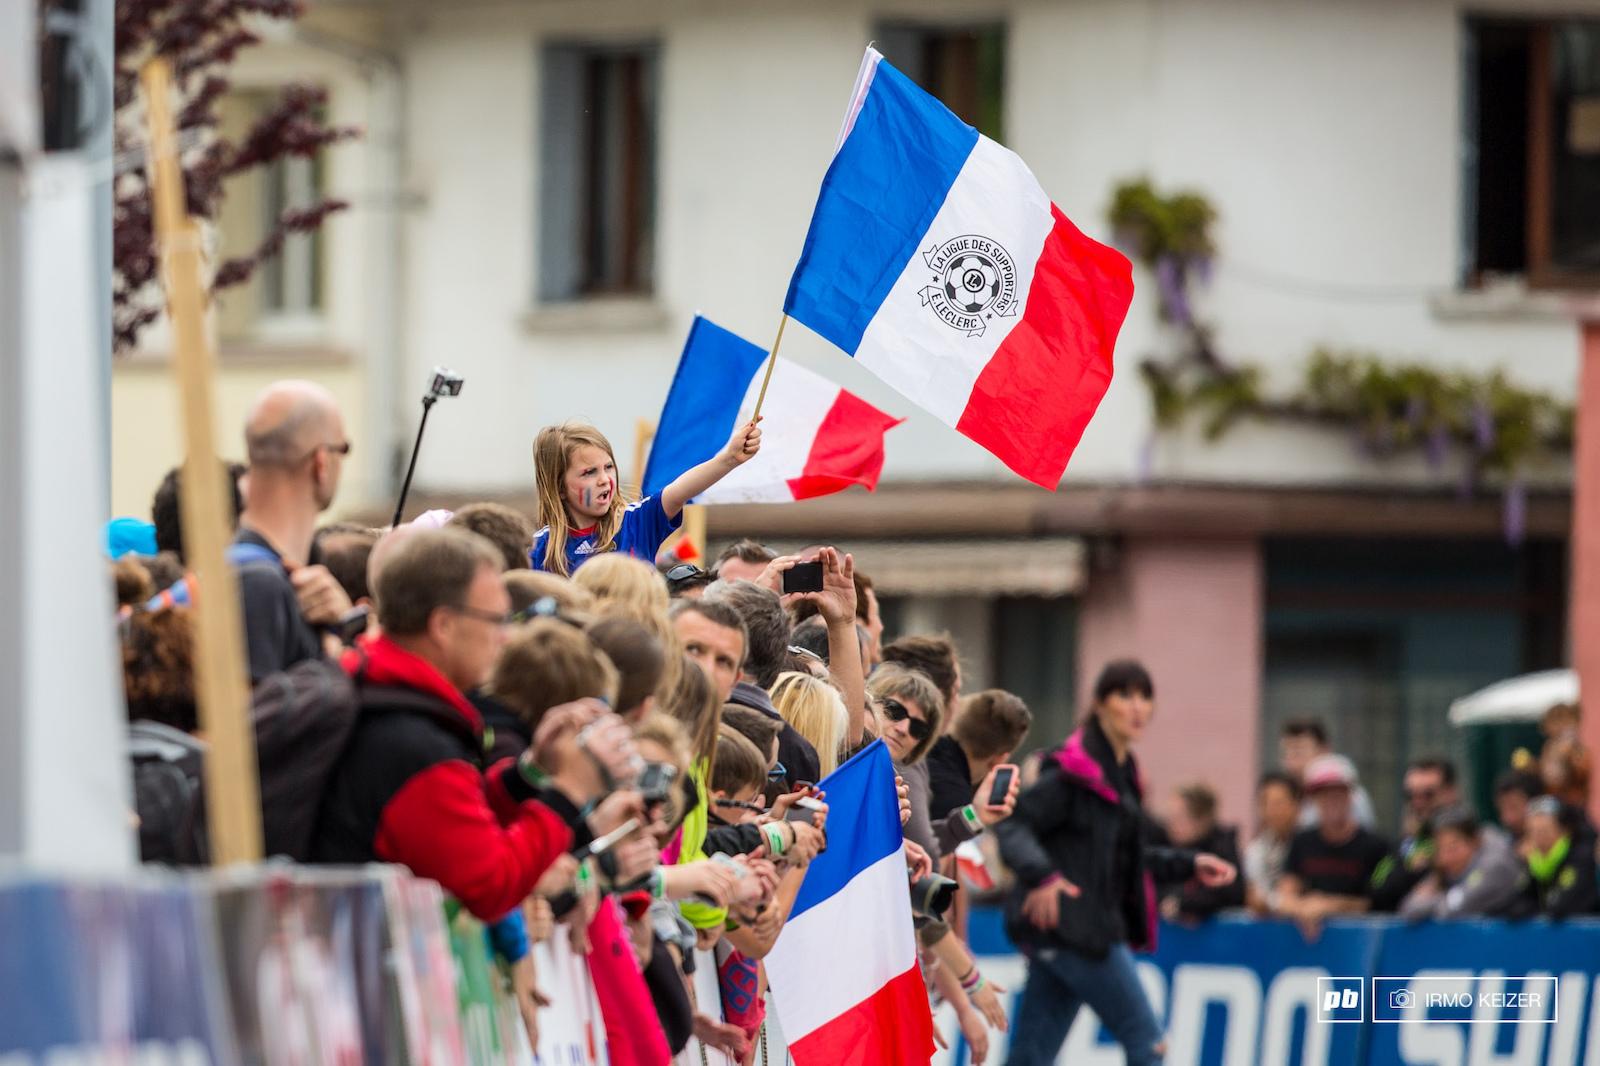 La France c est magnifique. A French podium with Julien Absalon Maxime Marotte and Victor Koretzky.